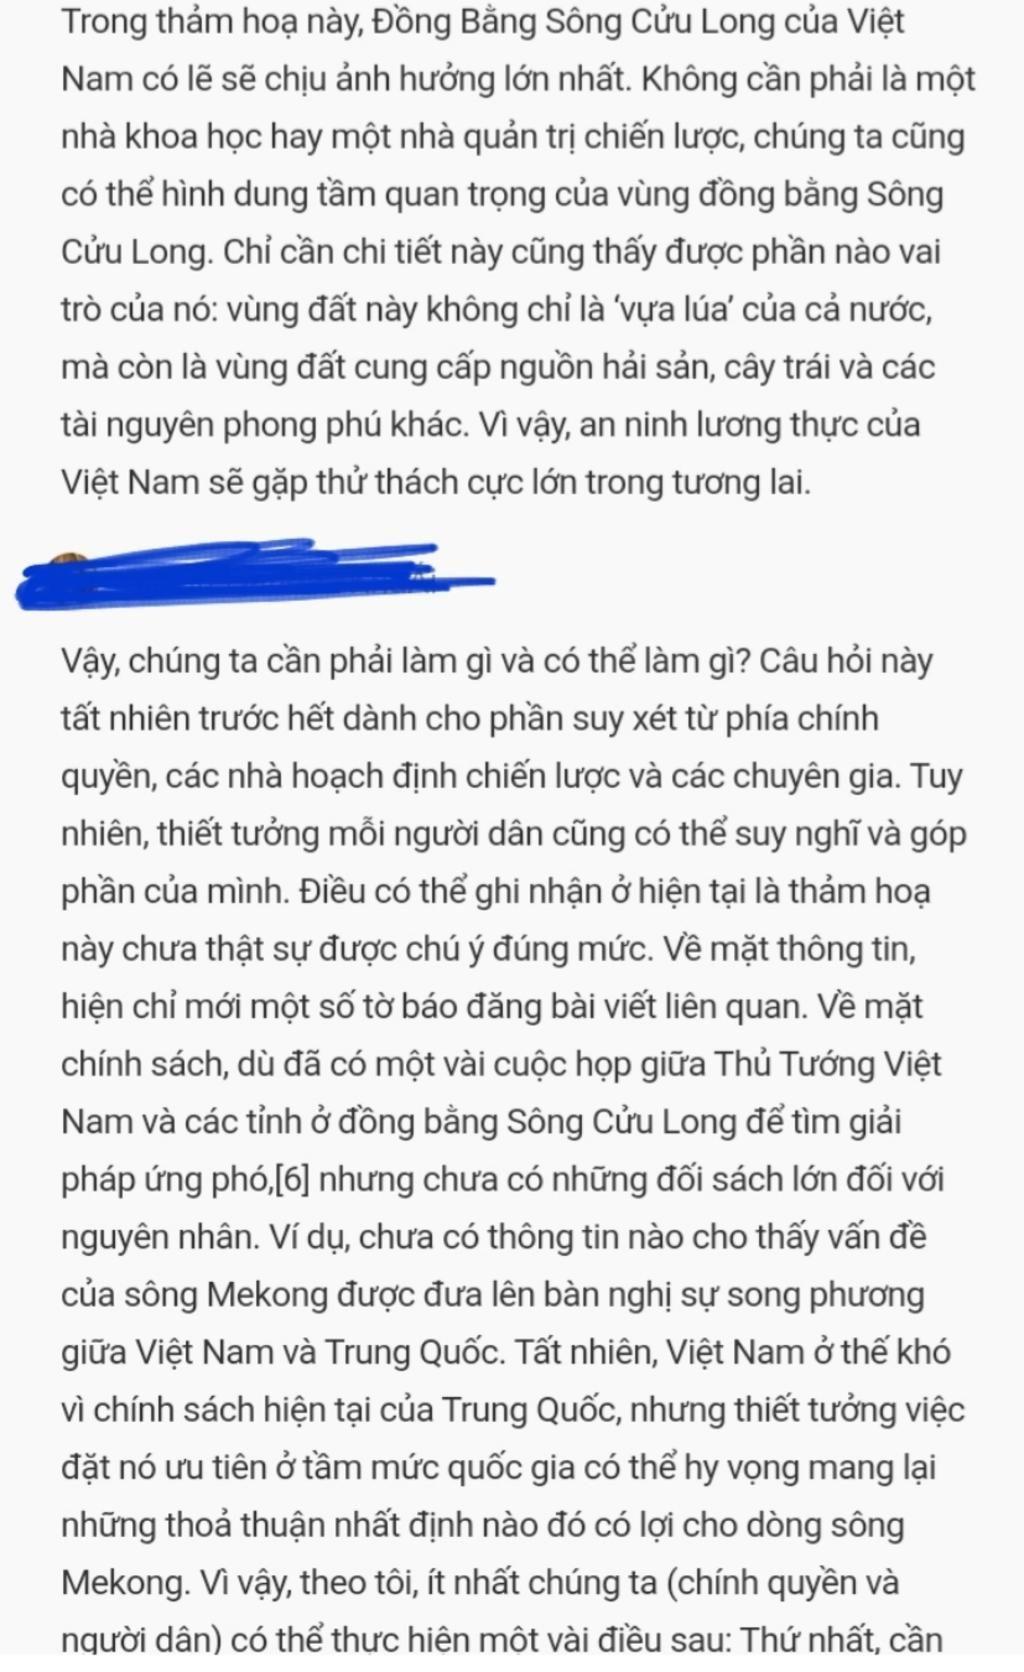 giup-mk-voi-cau-2-dai-dich-covit-19-uat-hien-tu-nua-cuoi-nam-2019-den-nay-dai-dich-nay-da-gay-an